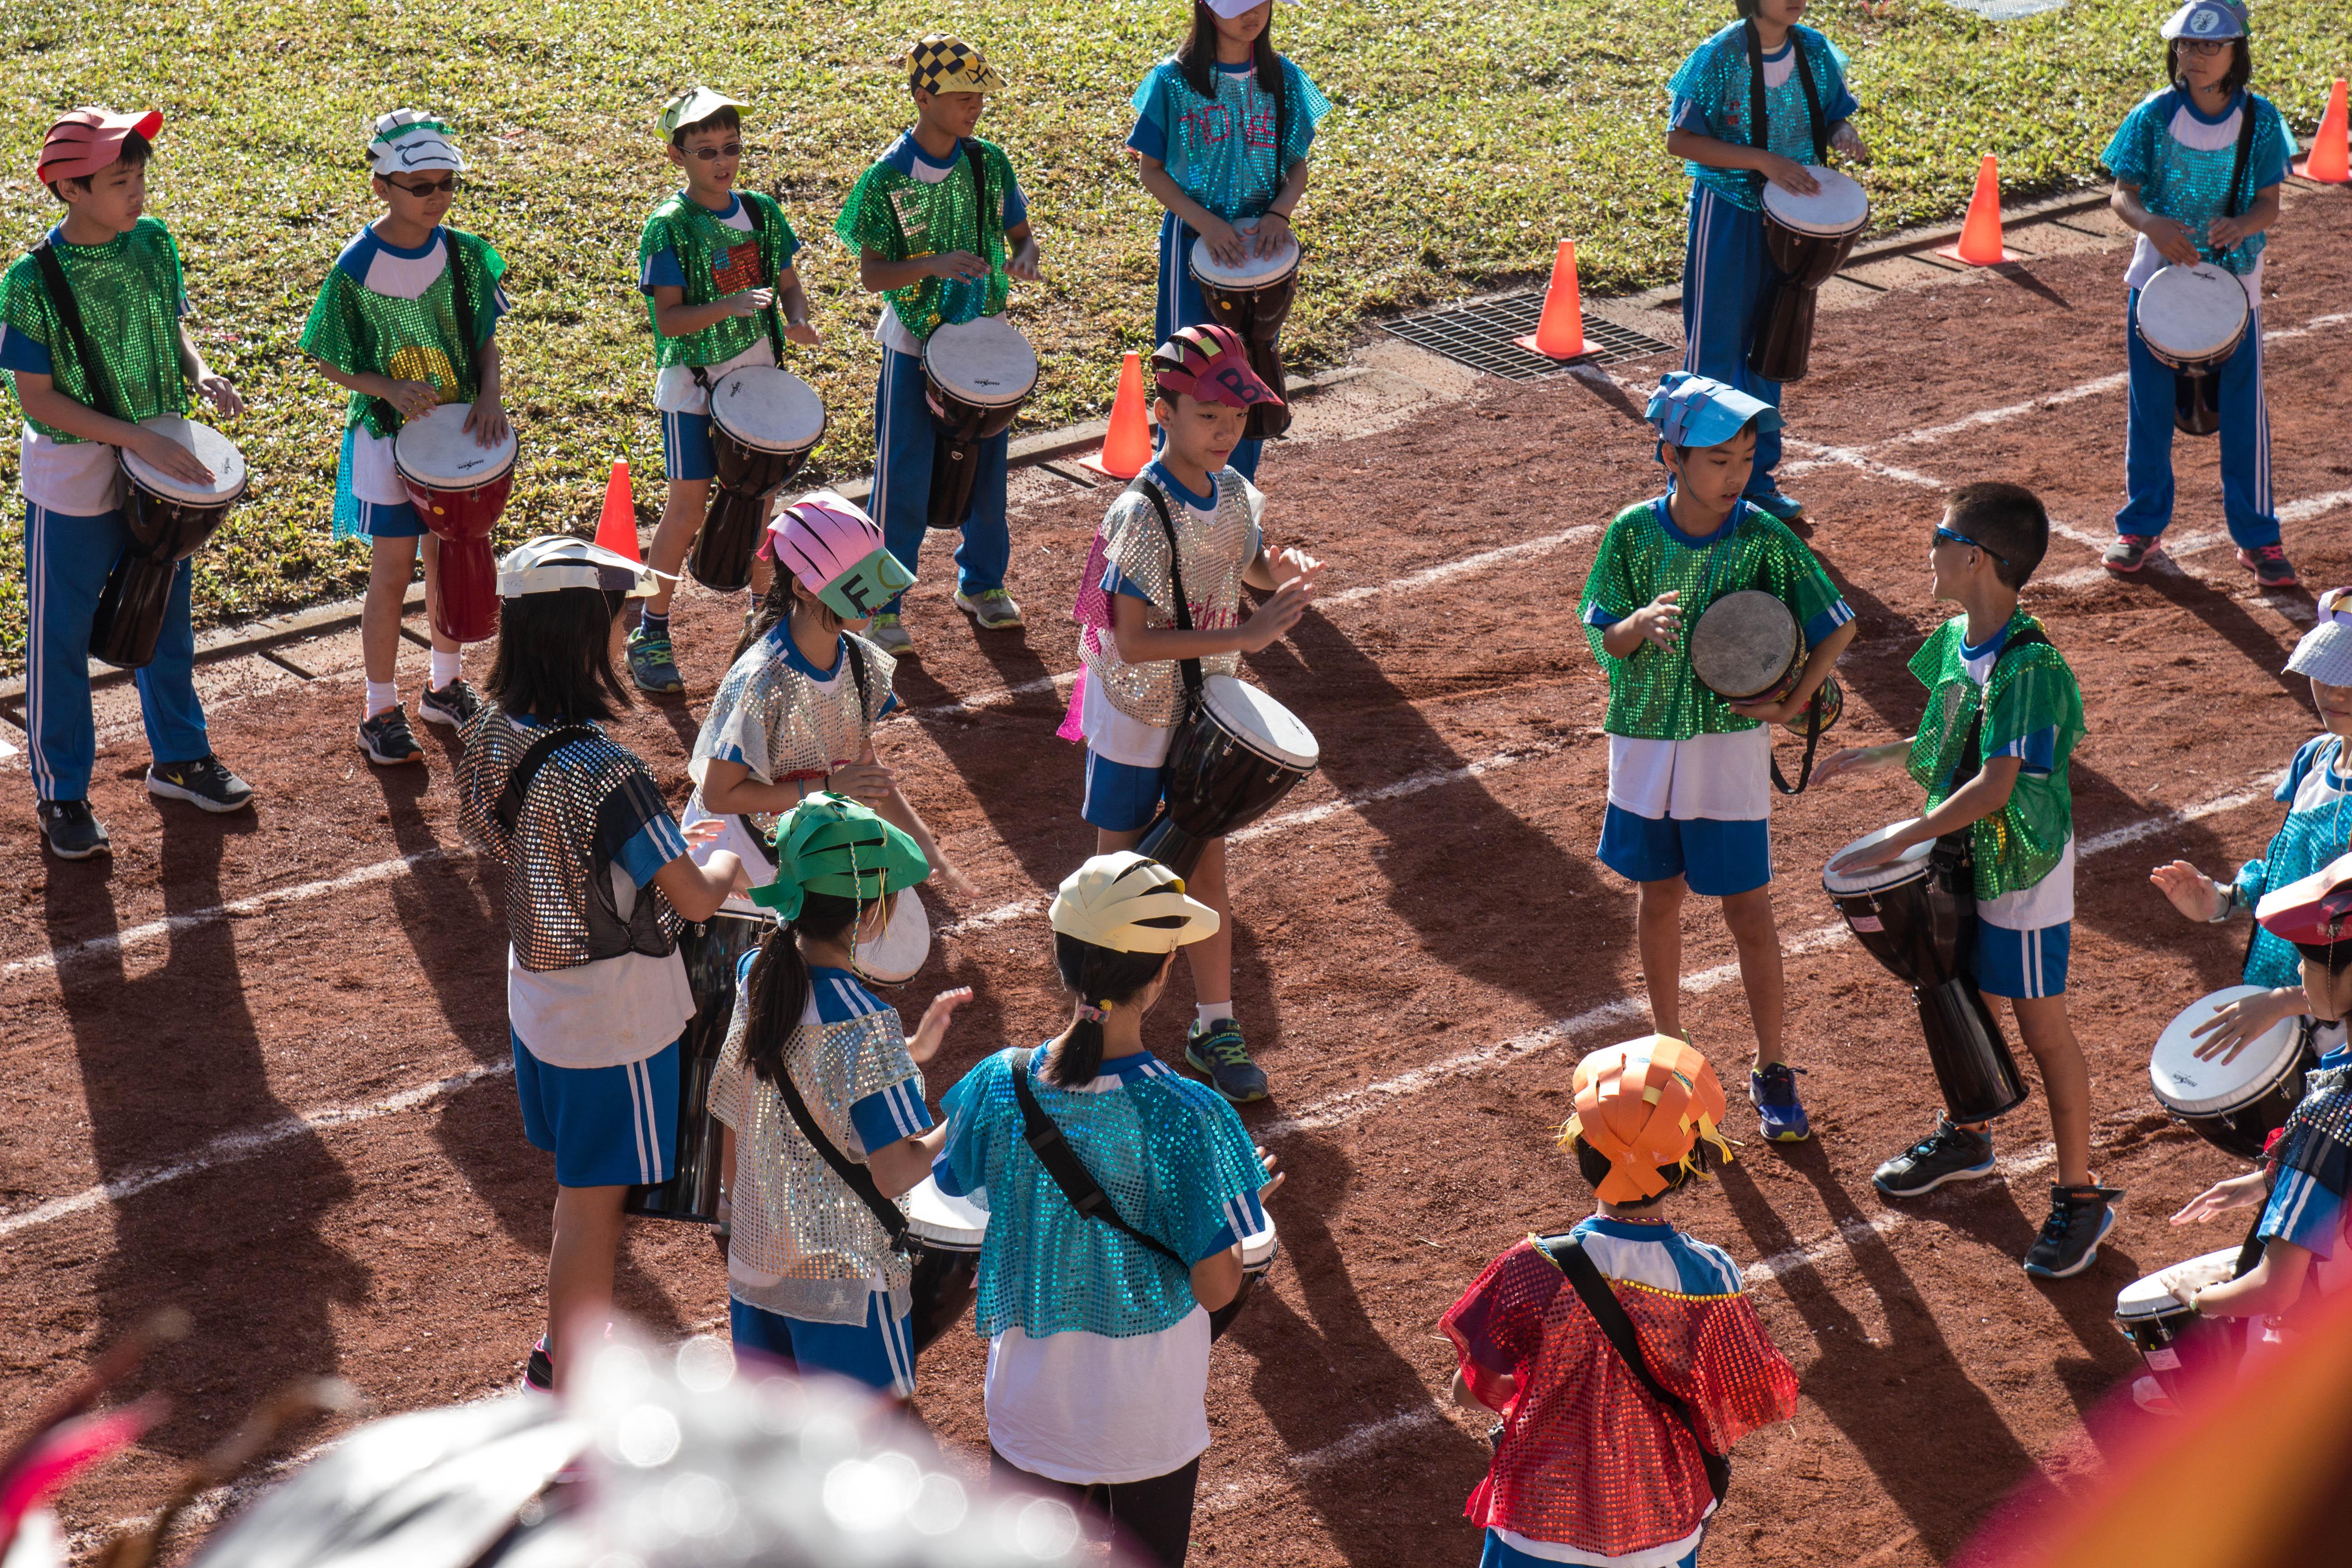 透過跨領域課程整合,師生共同籌辦學校活動,展現學校特色。攝影/高子涵